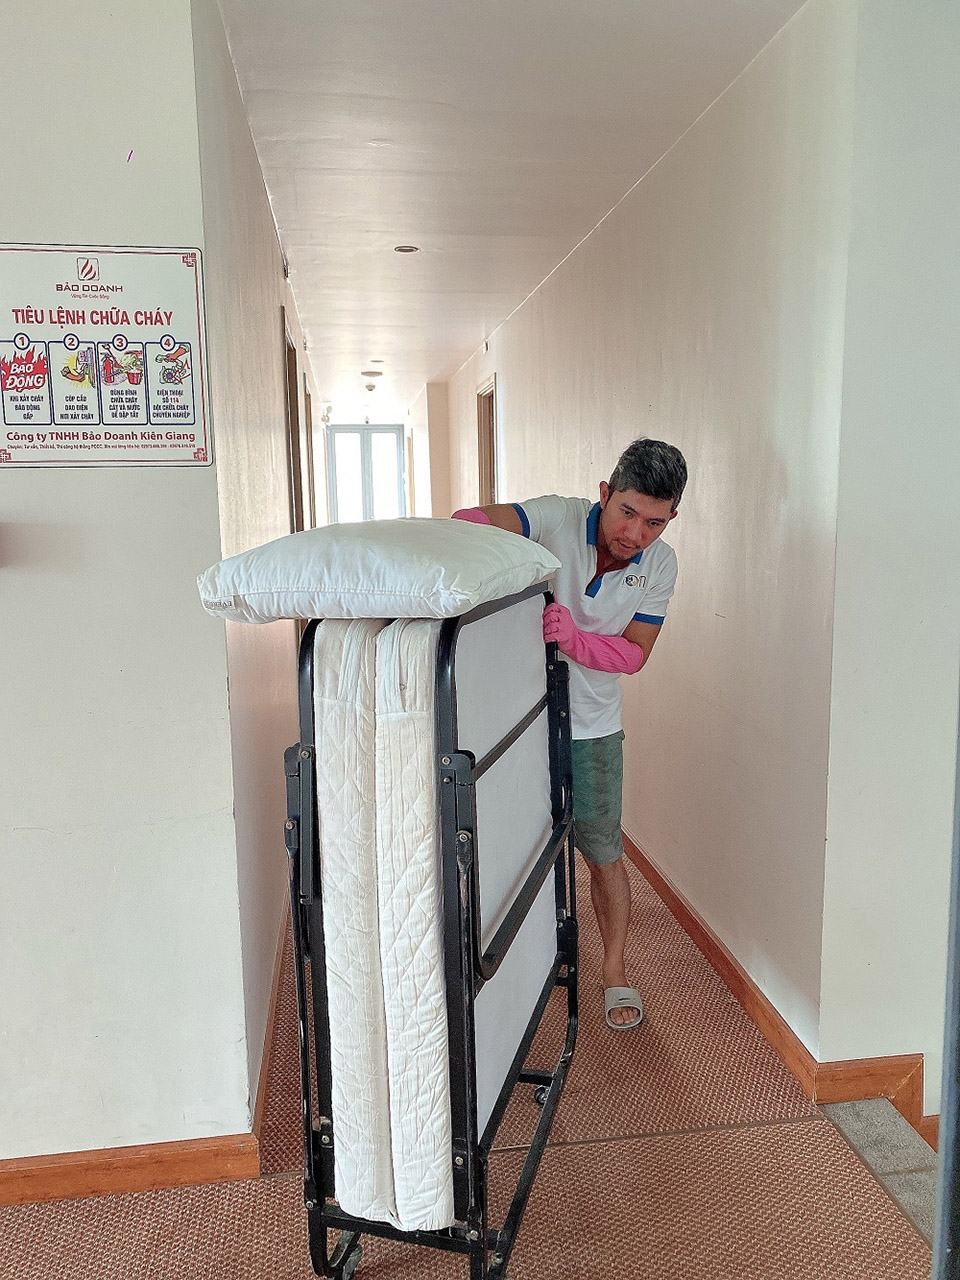 Lương Bằng Quang làm bảo vệ, cọ toilet kiếm sống ở Phú Quốc - 4